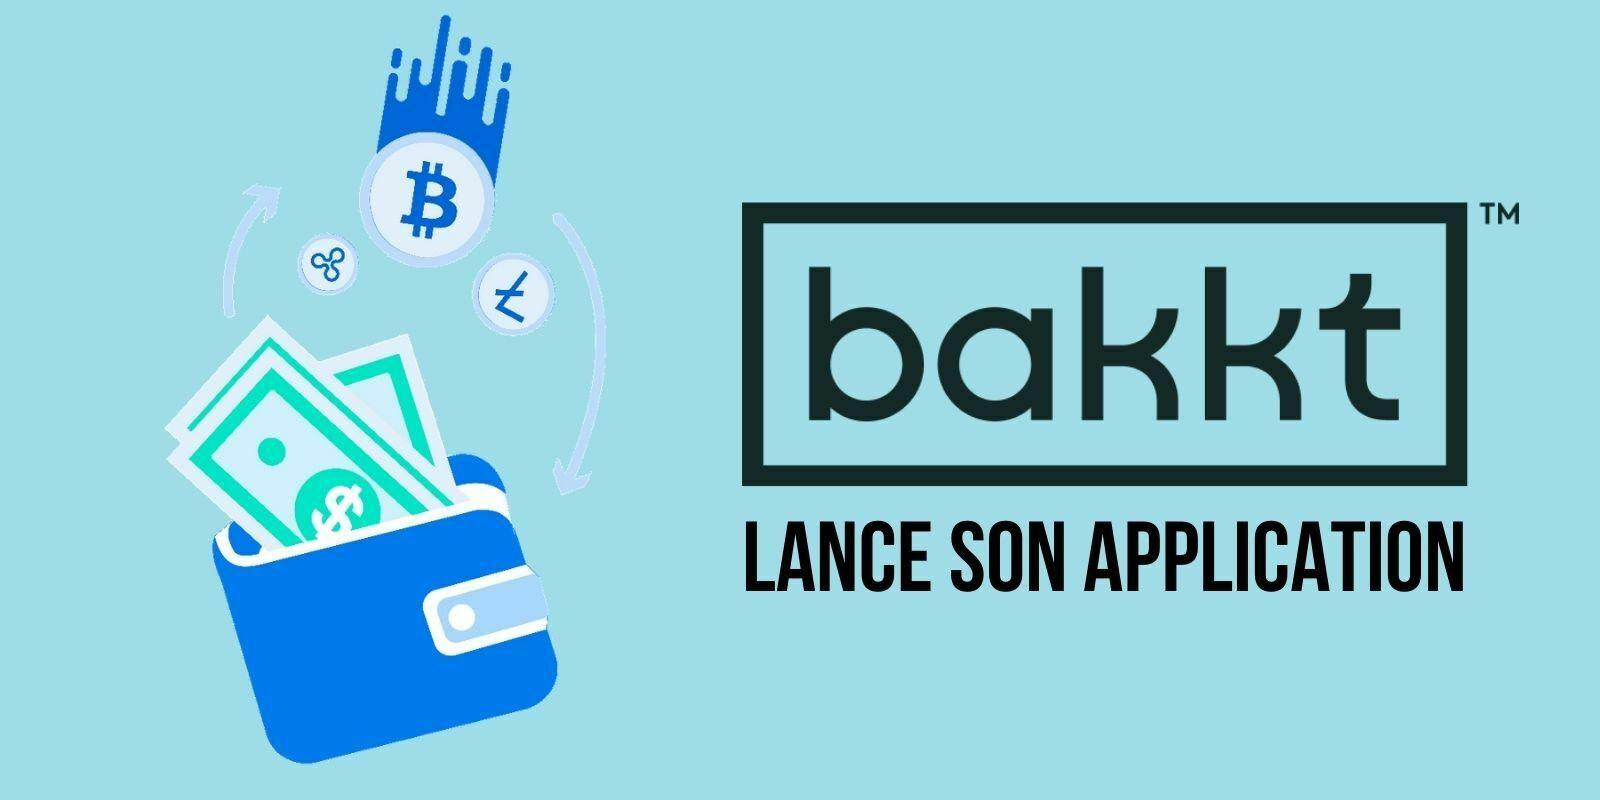 Bakkt lance une application de paiement pour gérer «toutes les formes d'actifs numériques»